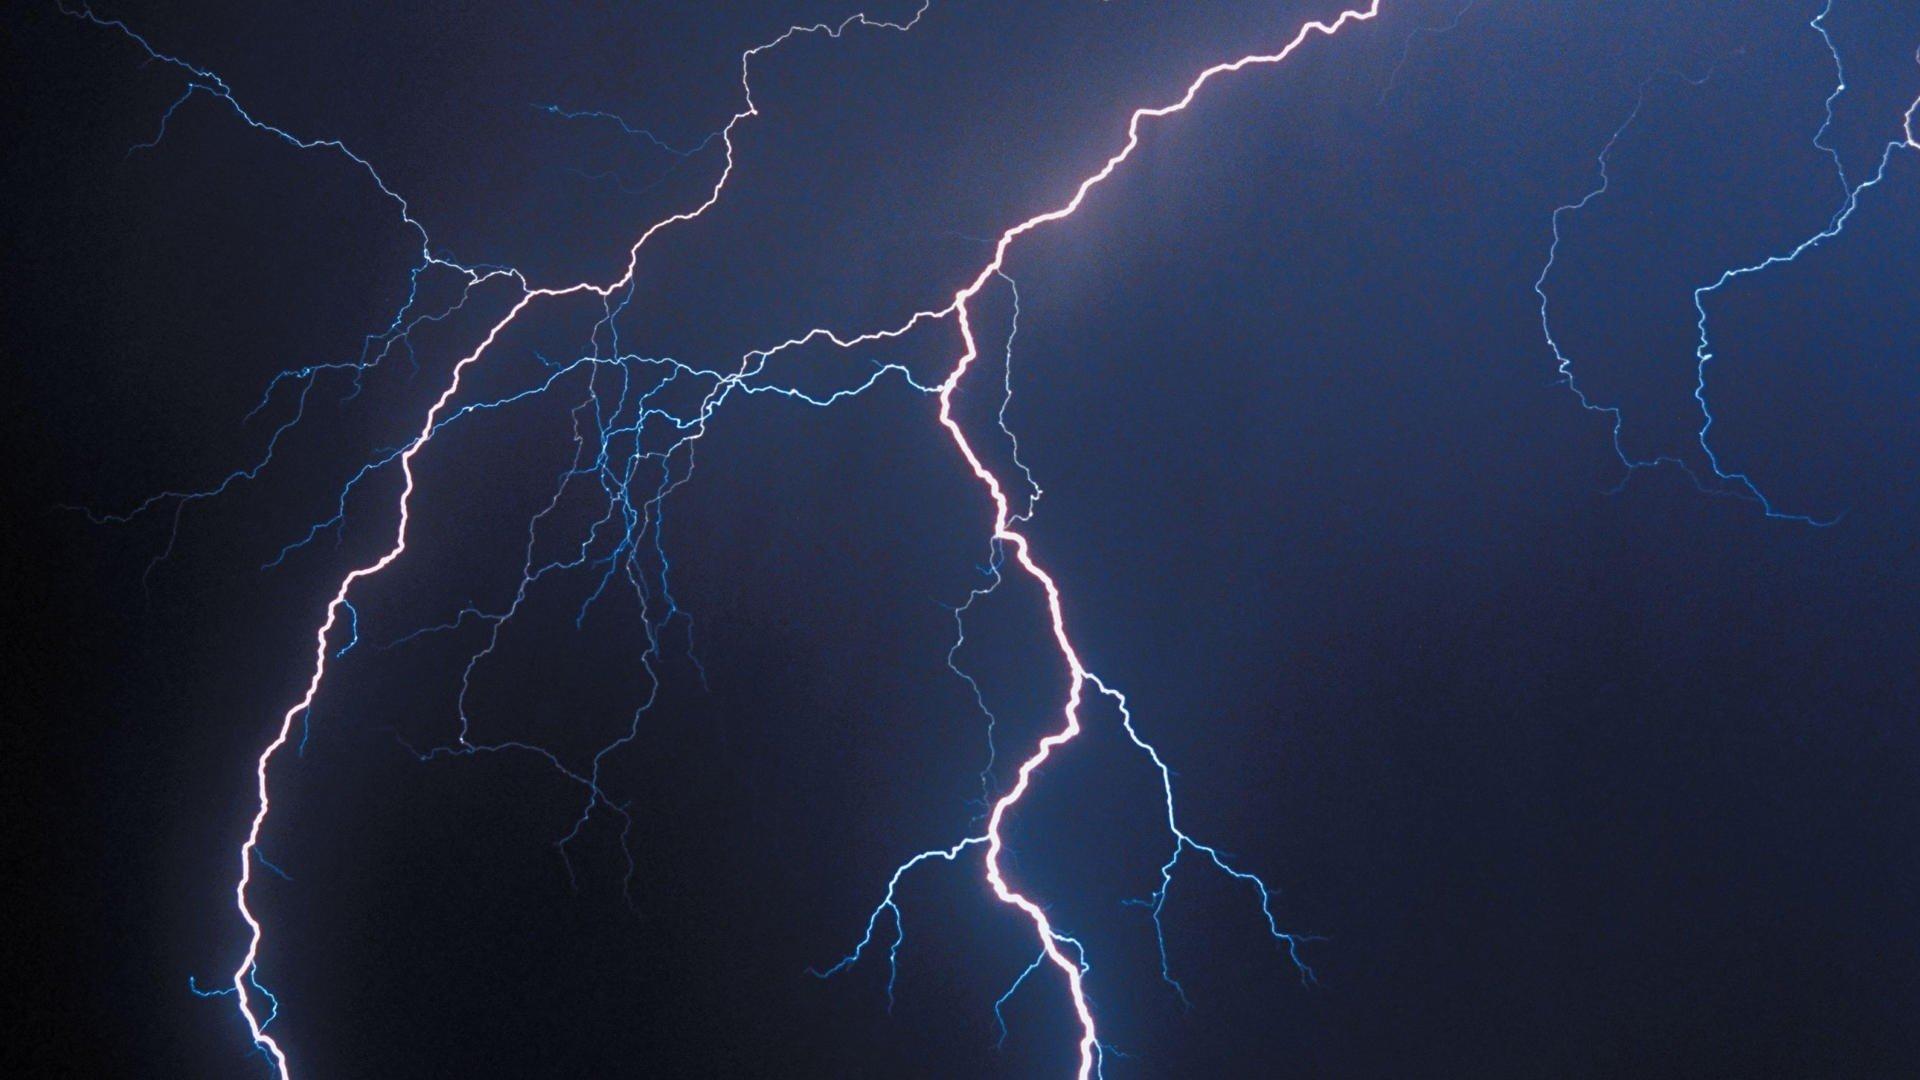 Lightning Background Wallpaper